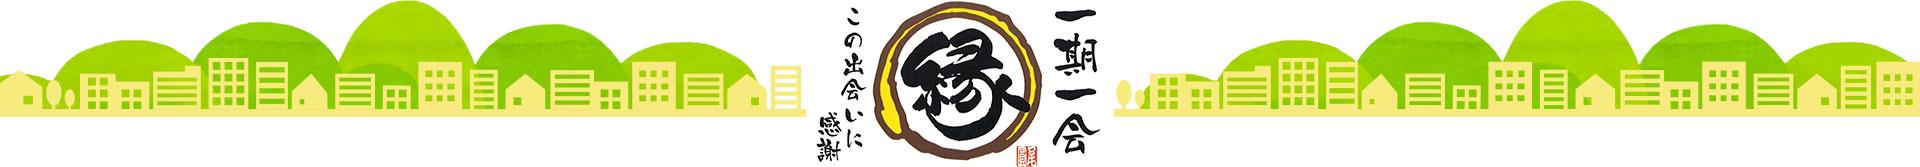 株式会社圓尾工務店 一期一会